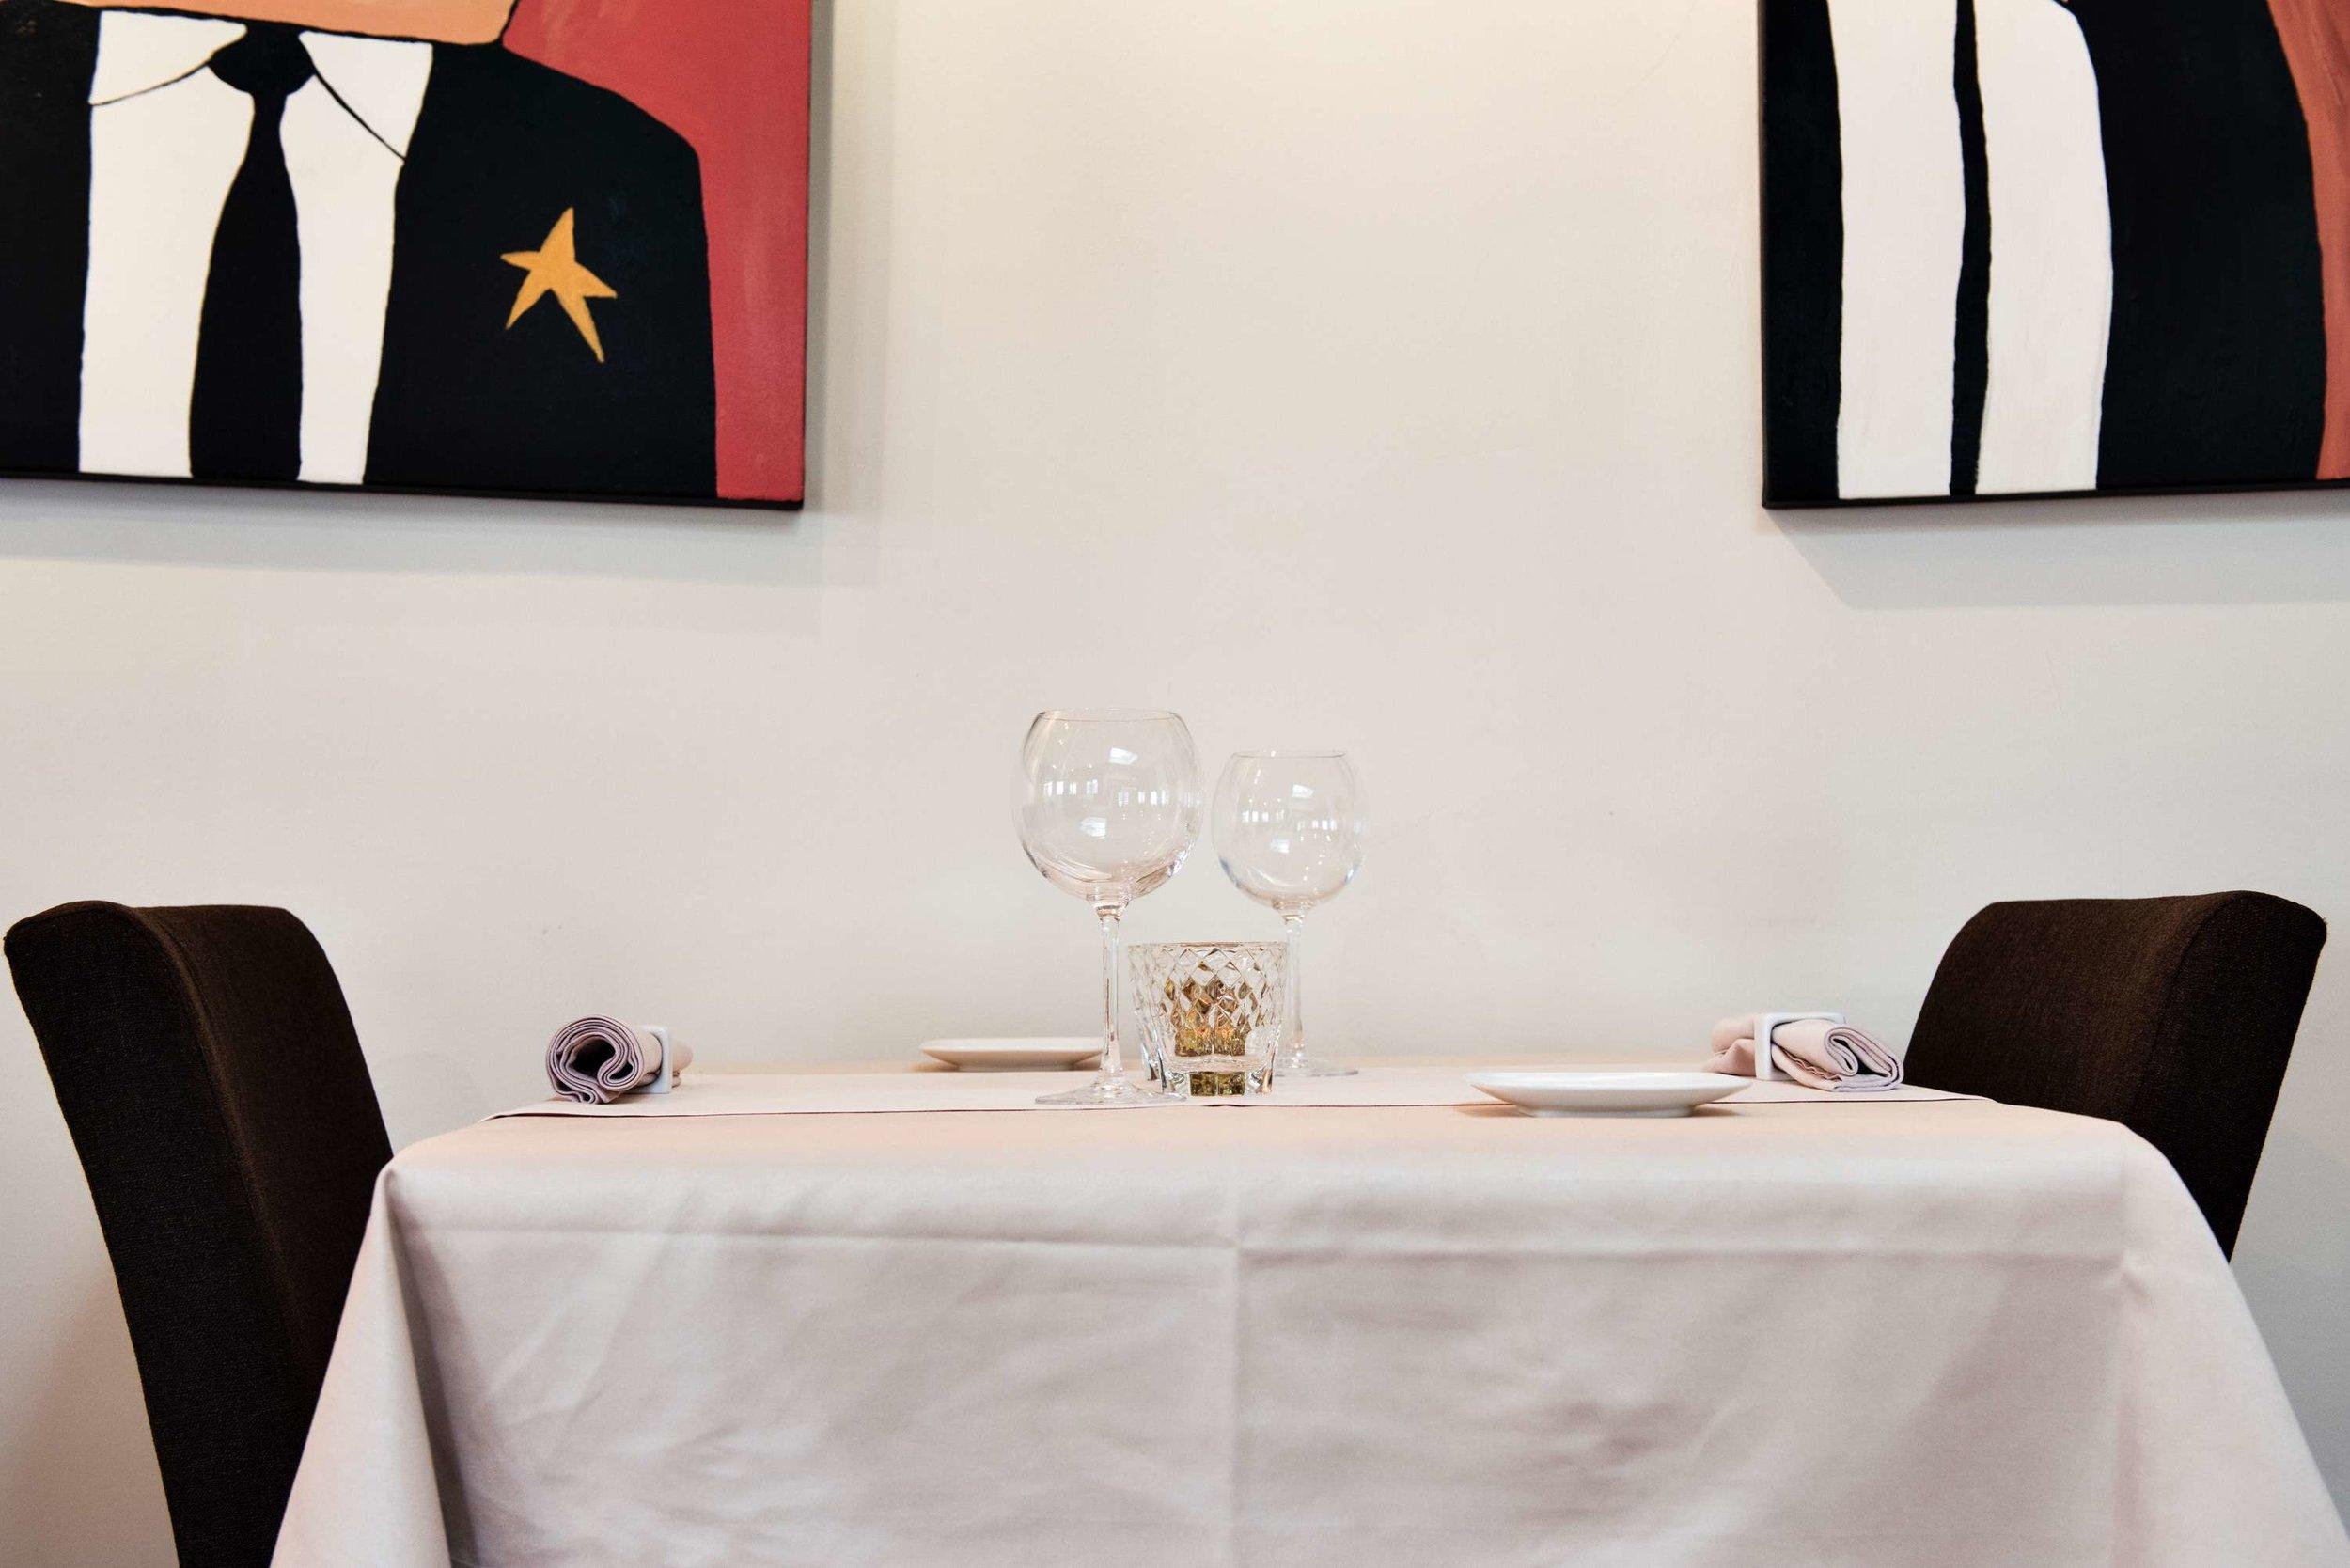 bouffard mol restaurant bart albrecht tablefever 7.jpg